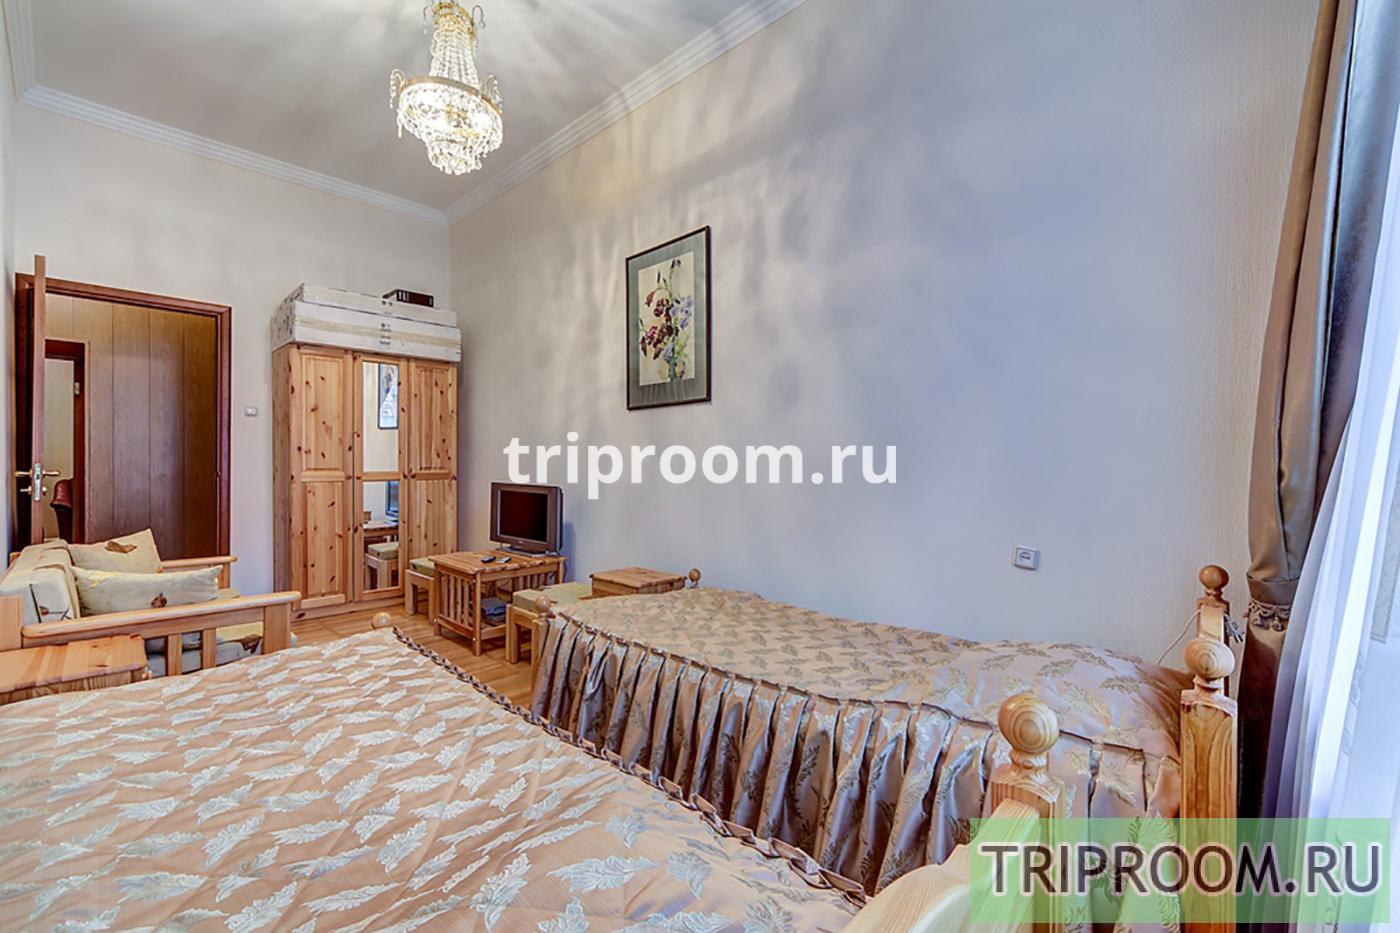 4-комнатная квартира посуточно (вариант № 20160), ул. Реки Мойки набережная, фото № 20